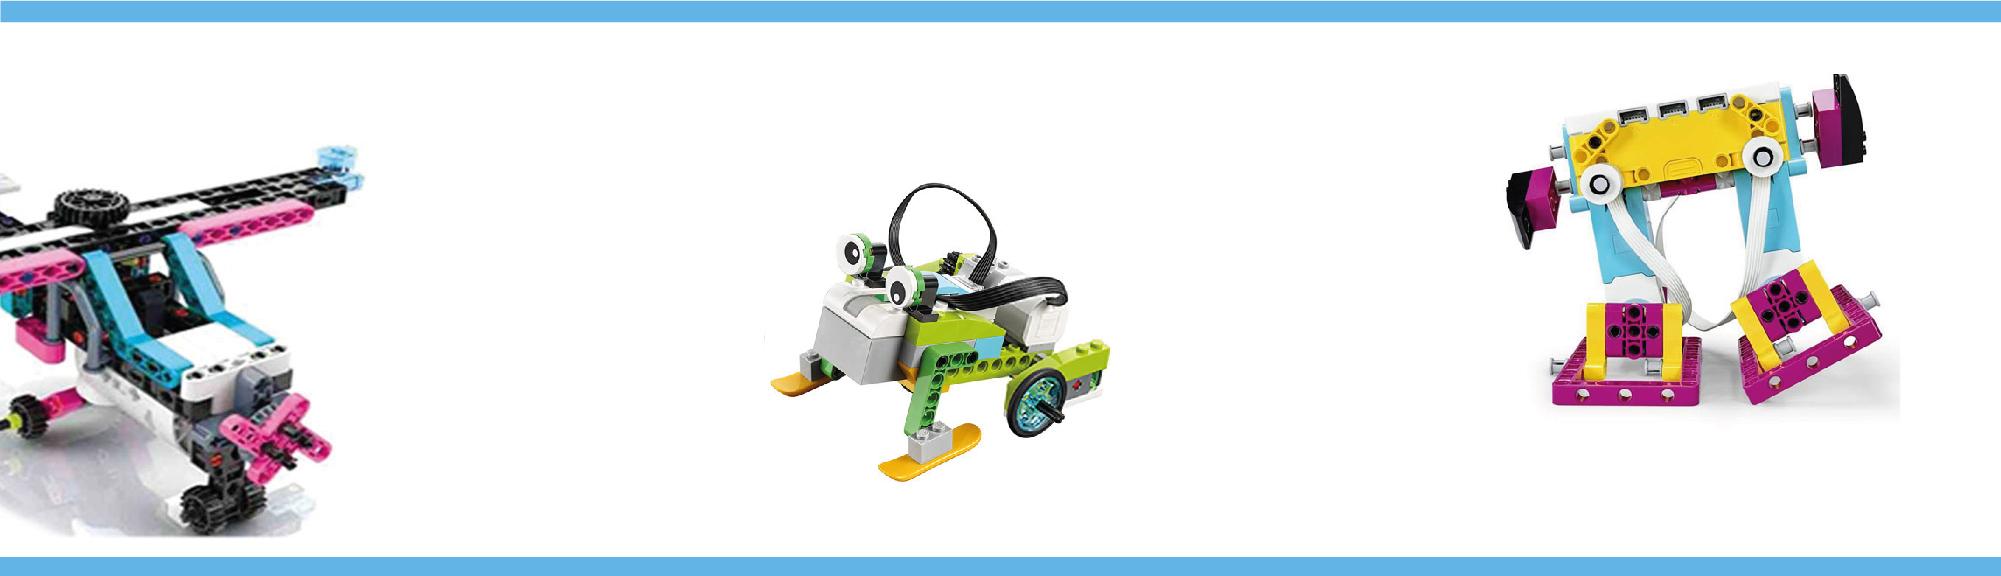 Wakacje z LEGO Robotyką!